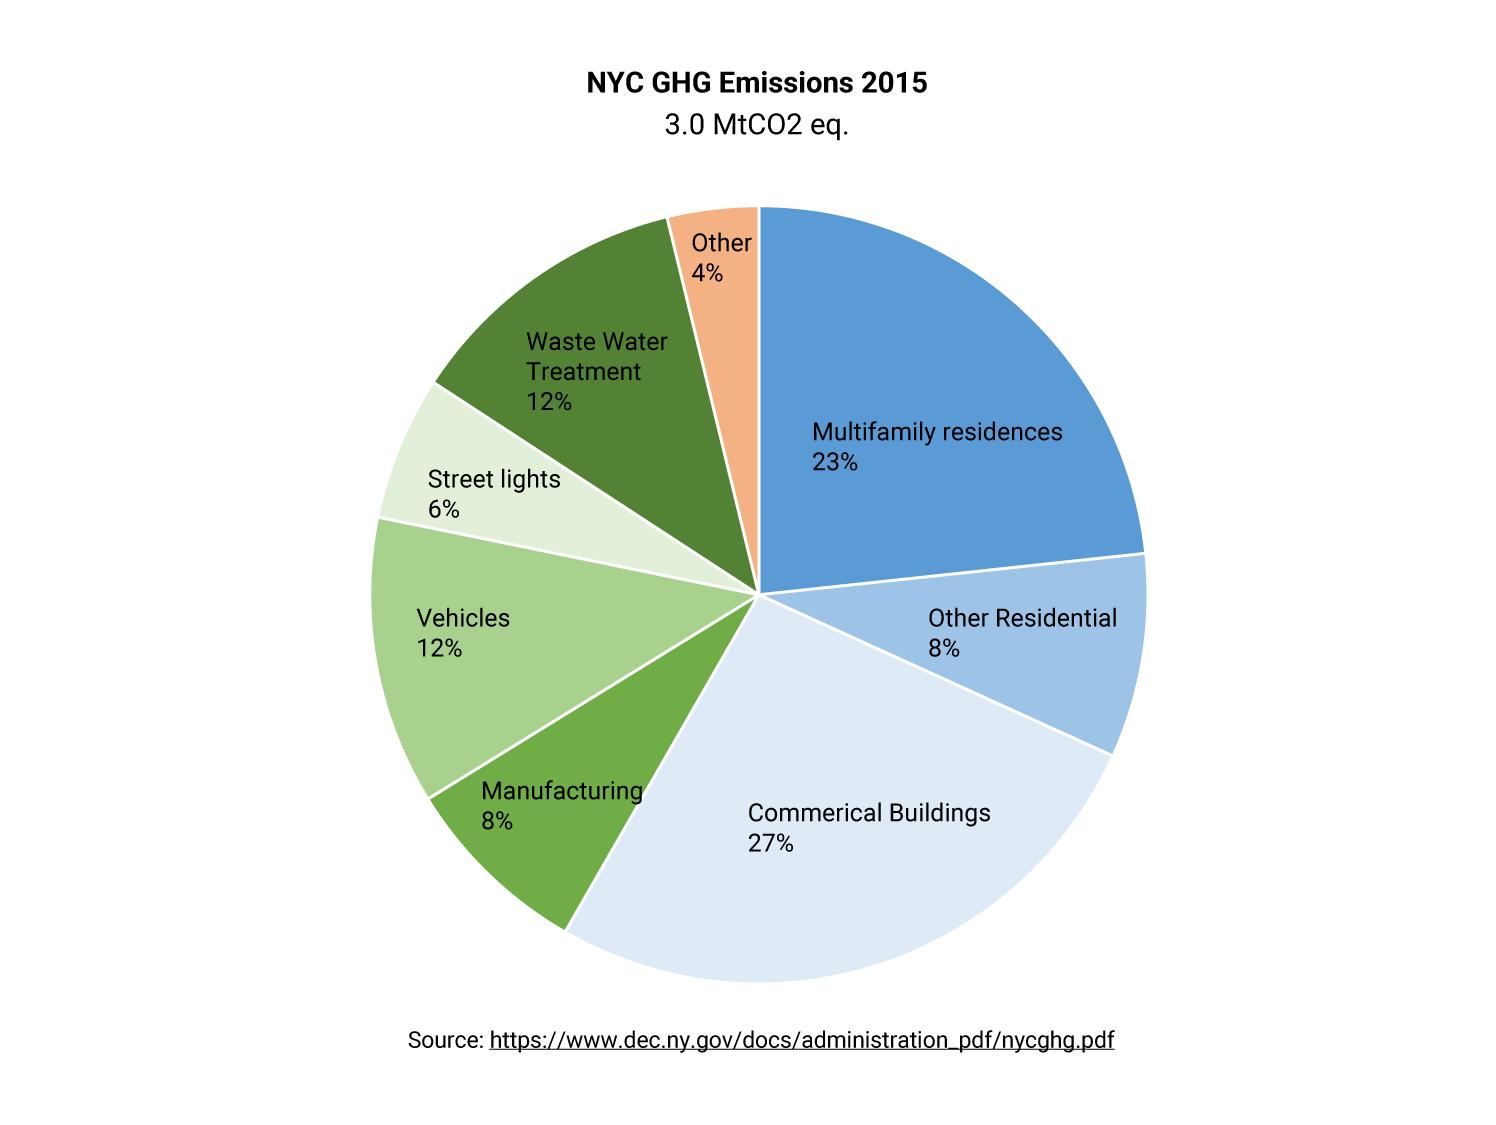 nyc ghg emissions 2015